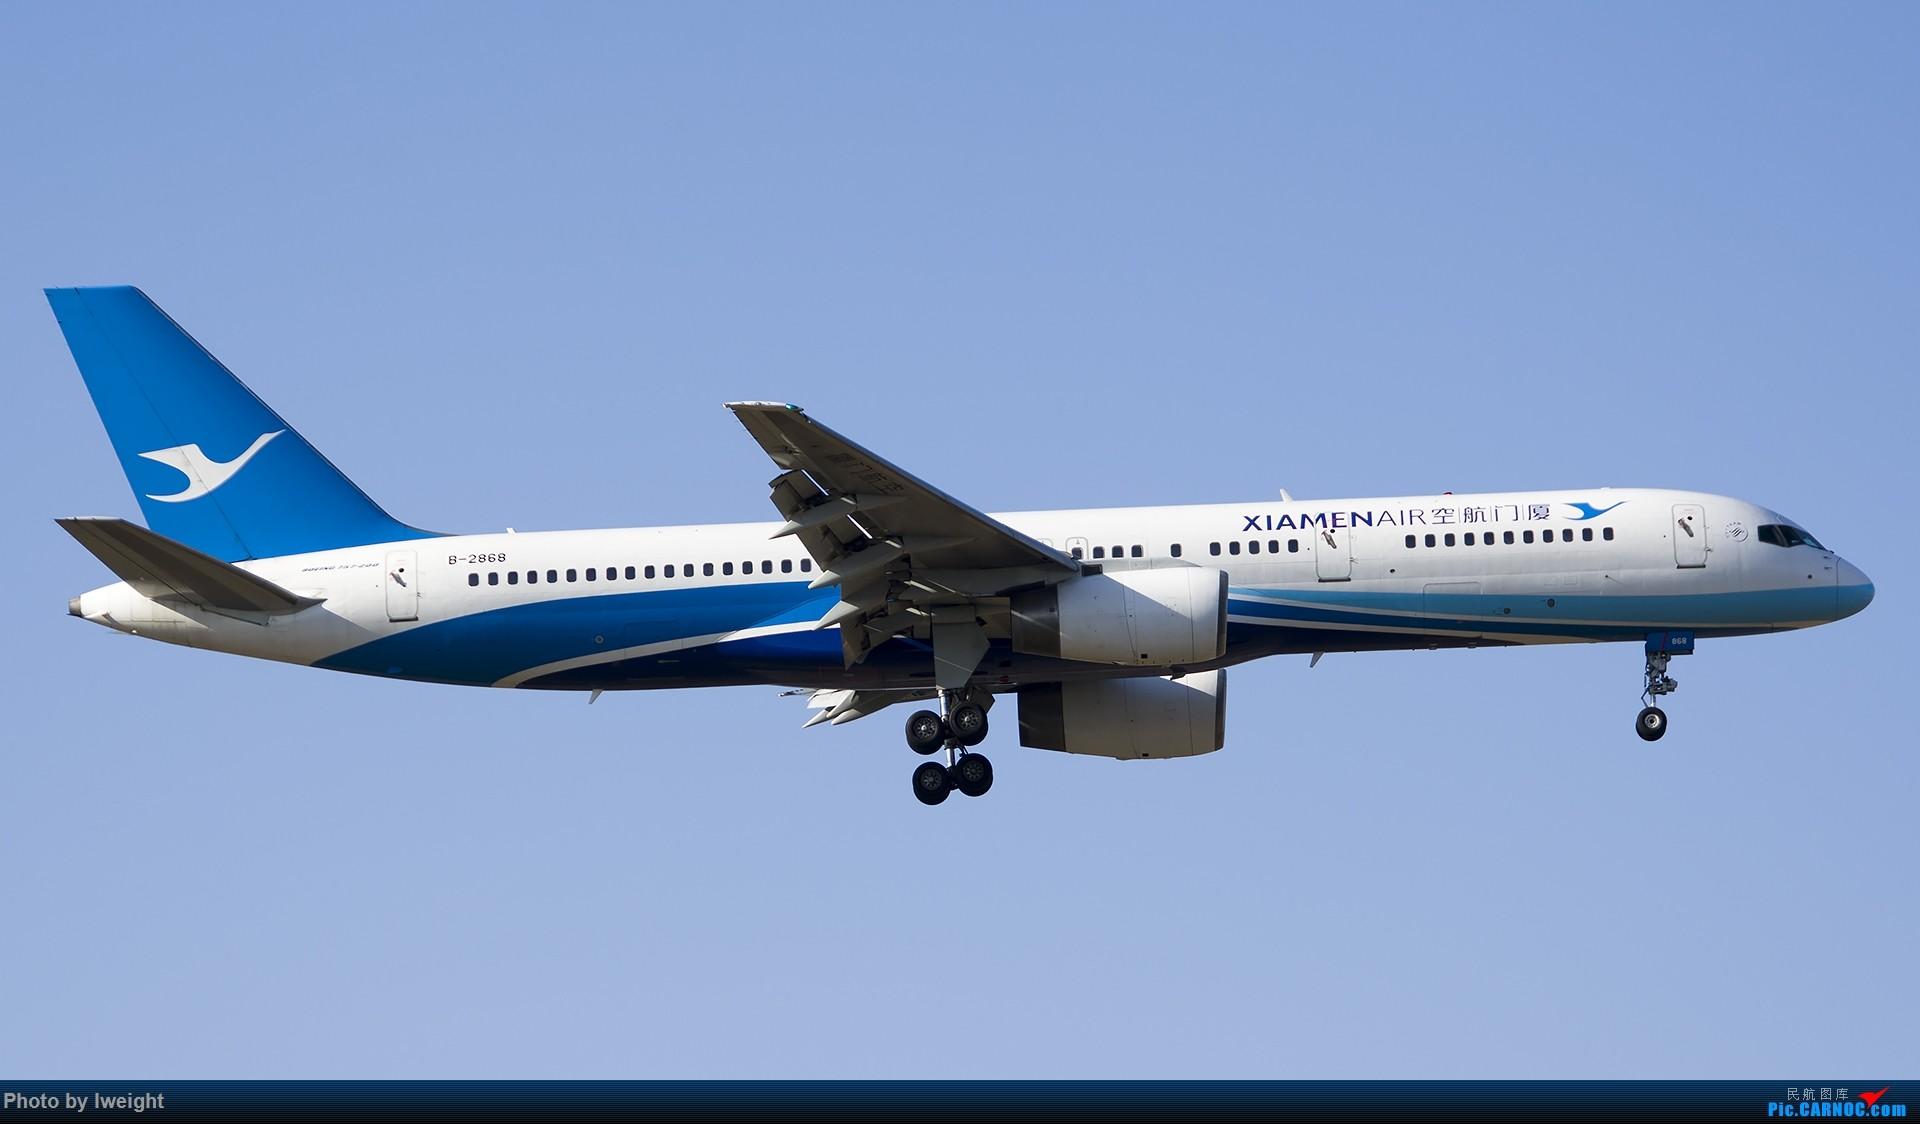 Re:[原创]2014-12-06 PEK天气由好变坏的直接体验 BOEING 757-200 B-2868 中国北京首都国际机场